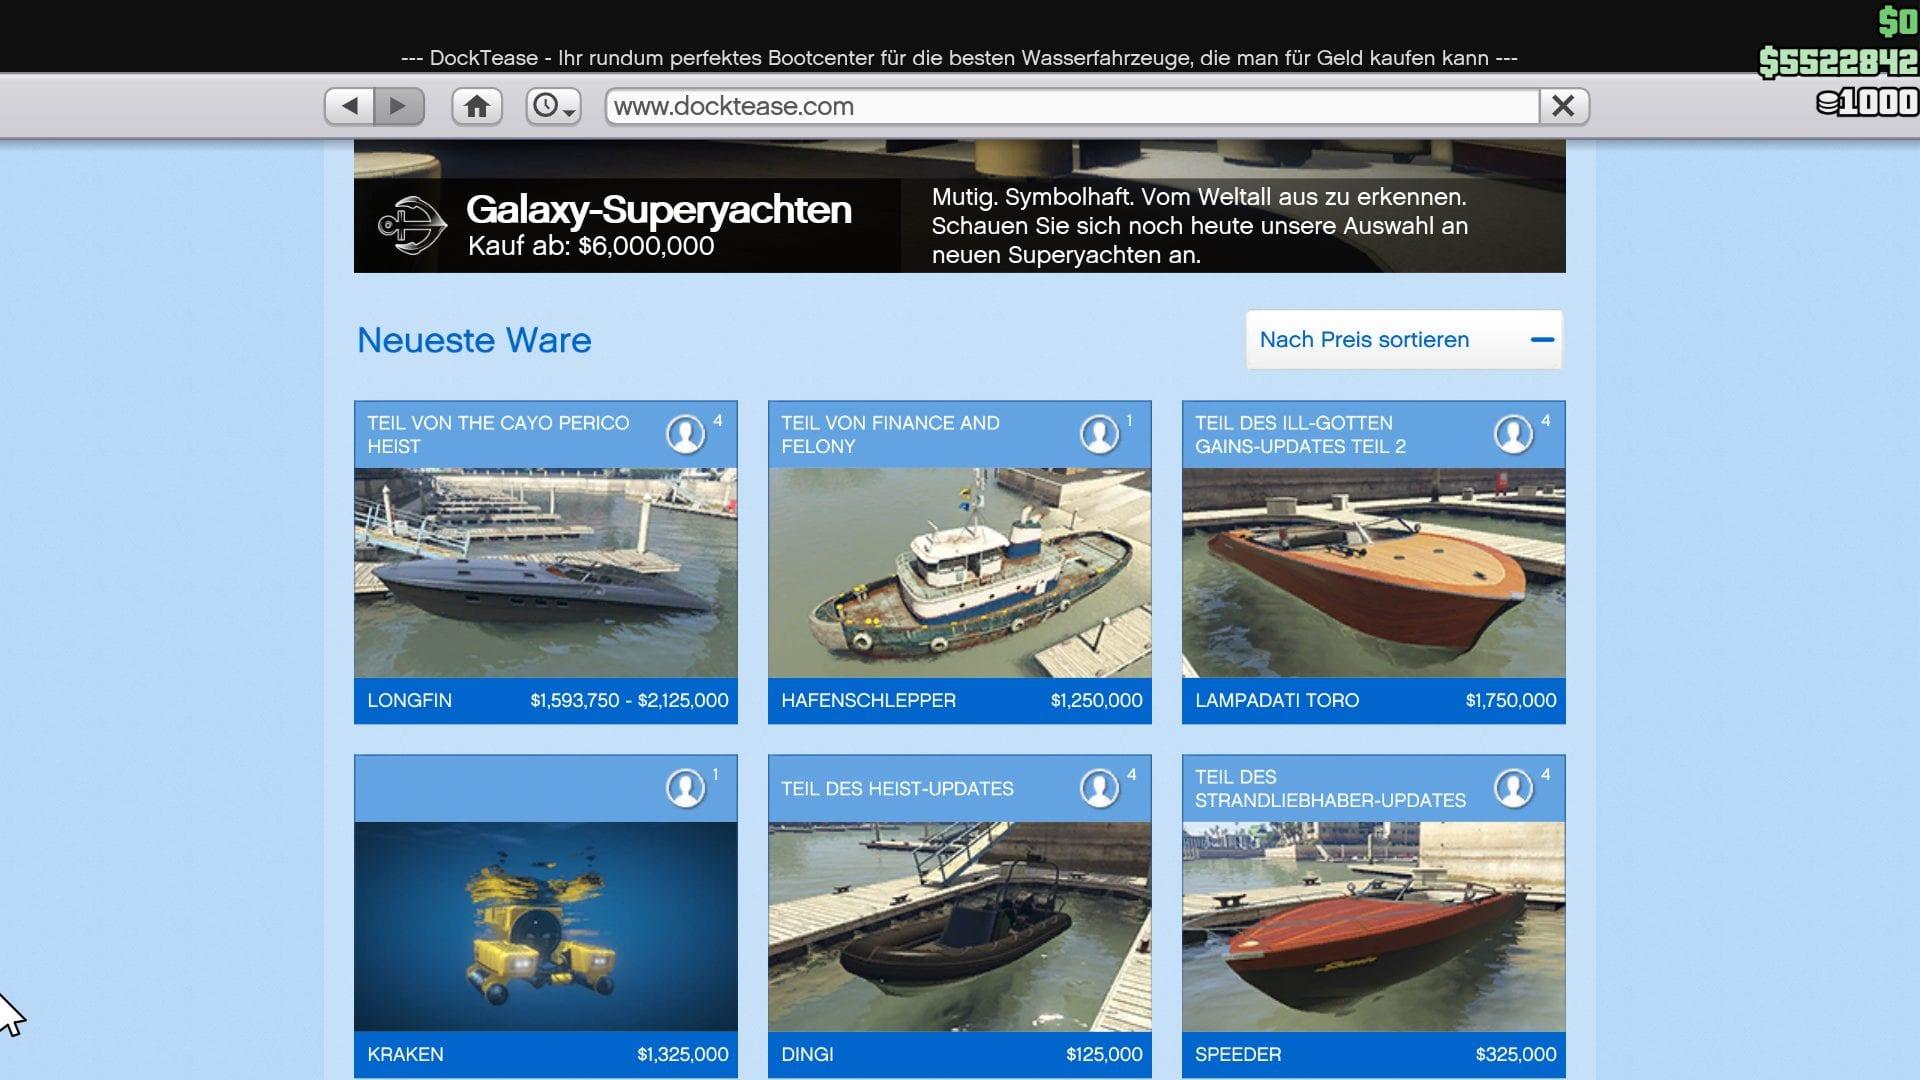 GTA Online - Docktease